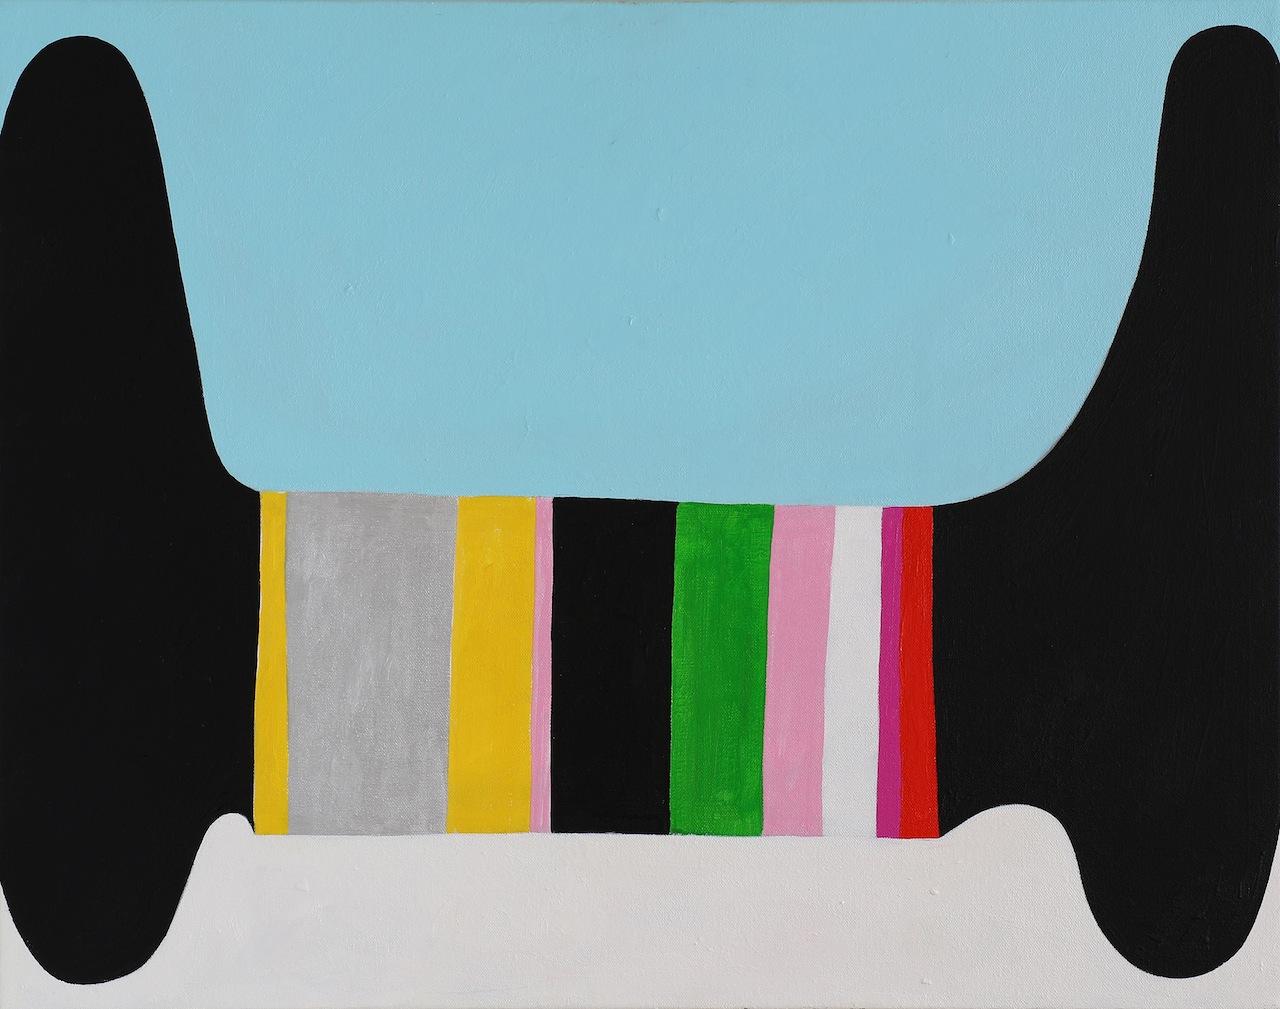 """Andrew Masullo, """"6091"""" (2014), oil on canvas, 22 x 28 in (all Masullo images courtesy Tibor de Nagy Gallery, NY)"""